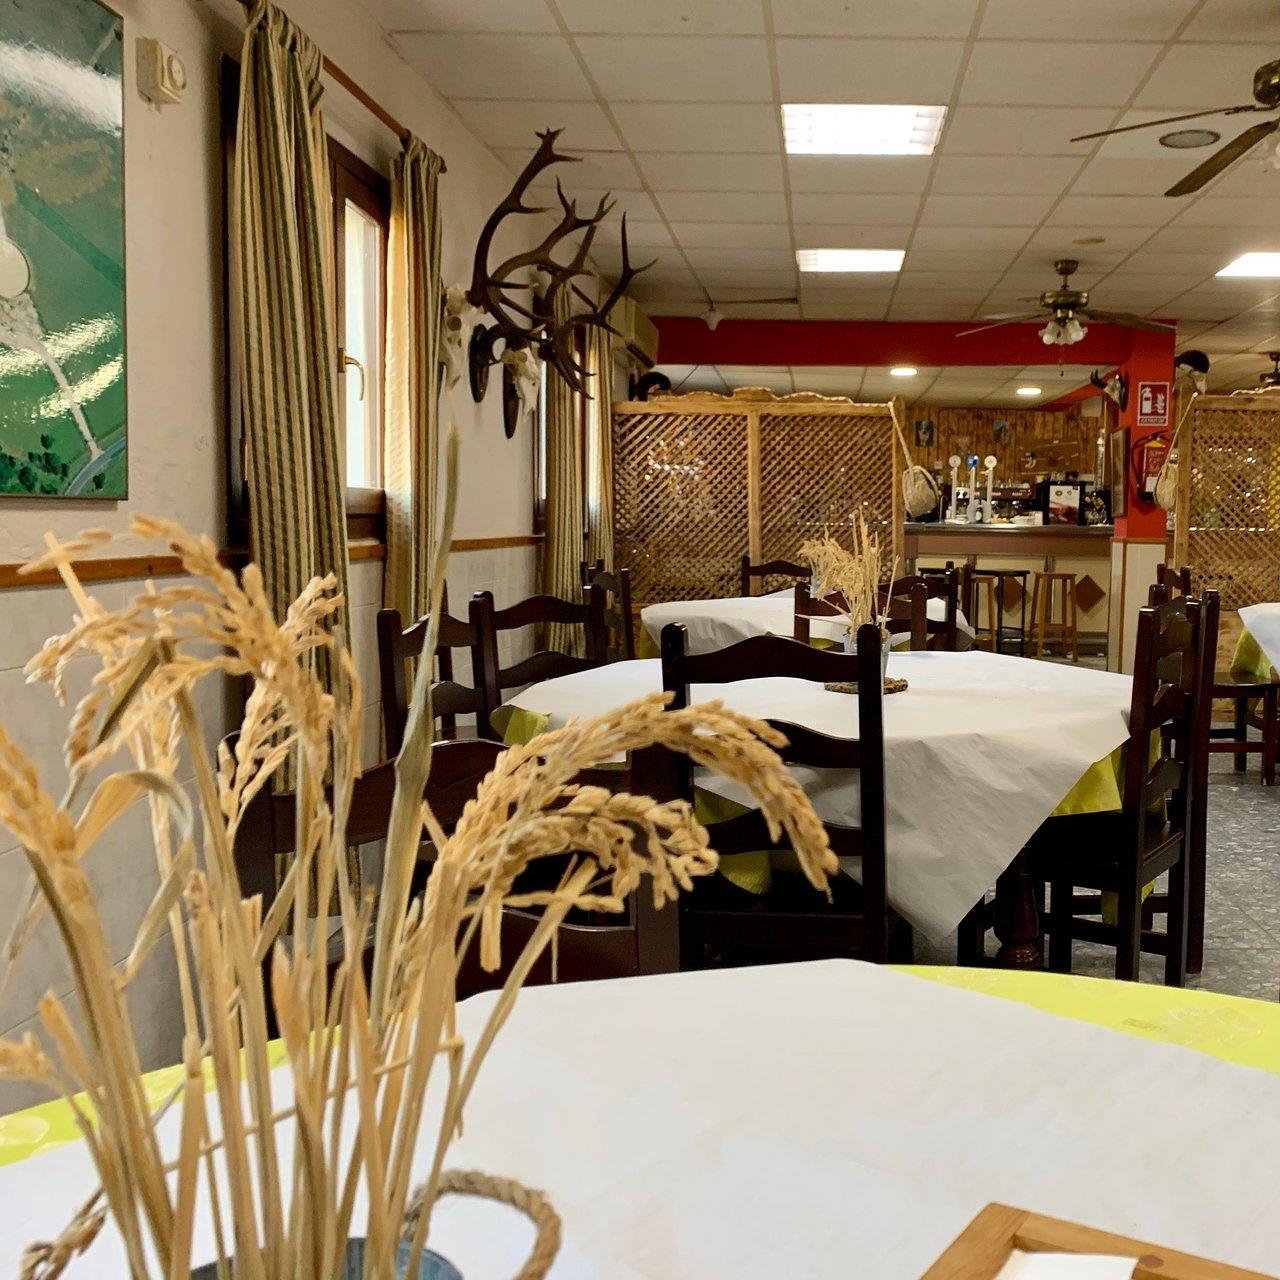 Los 10 Mejores Restaurantes En Benalup Casas Viejas Actualizado En Marzo De 2021 Tripadvisor